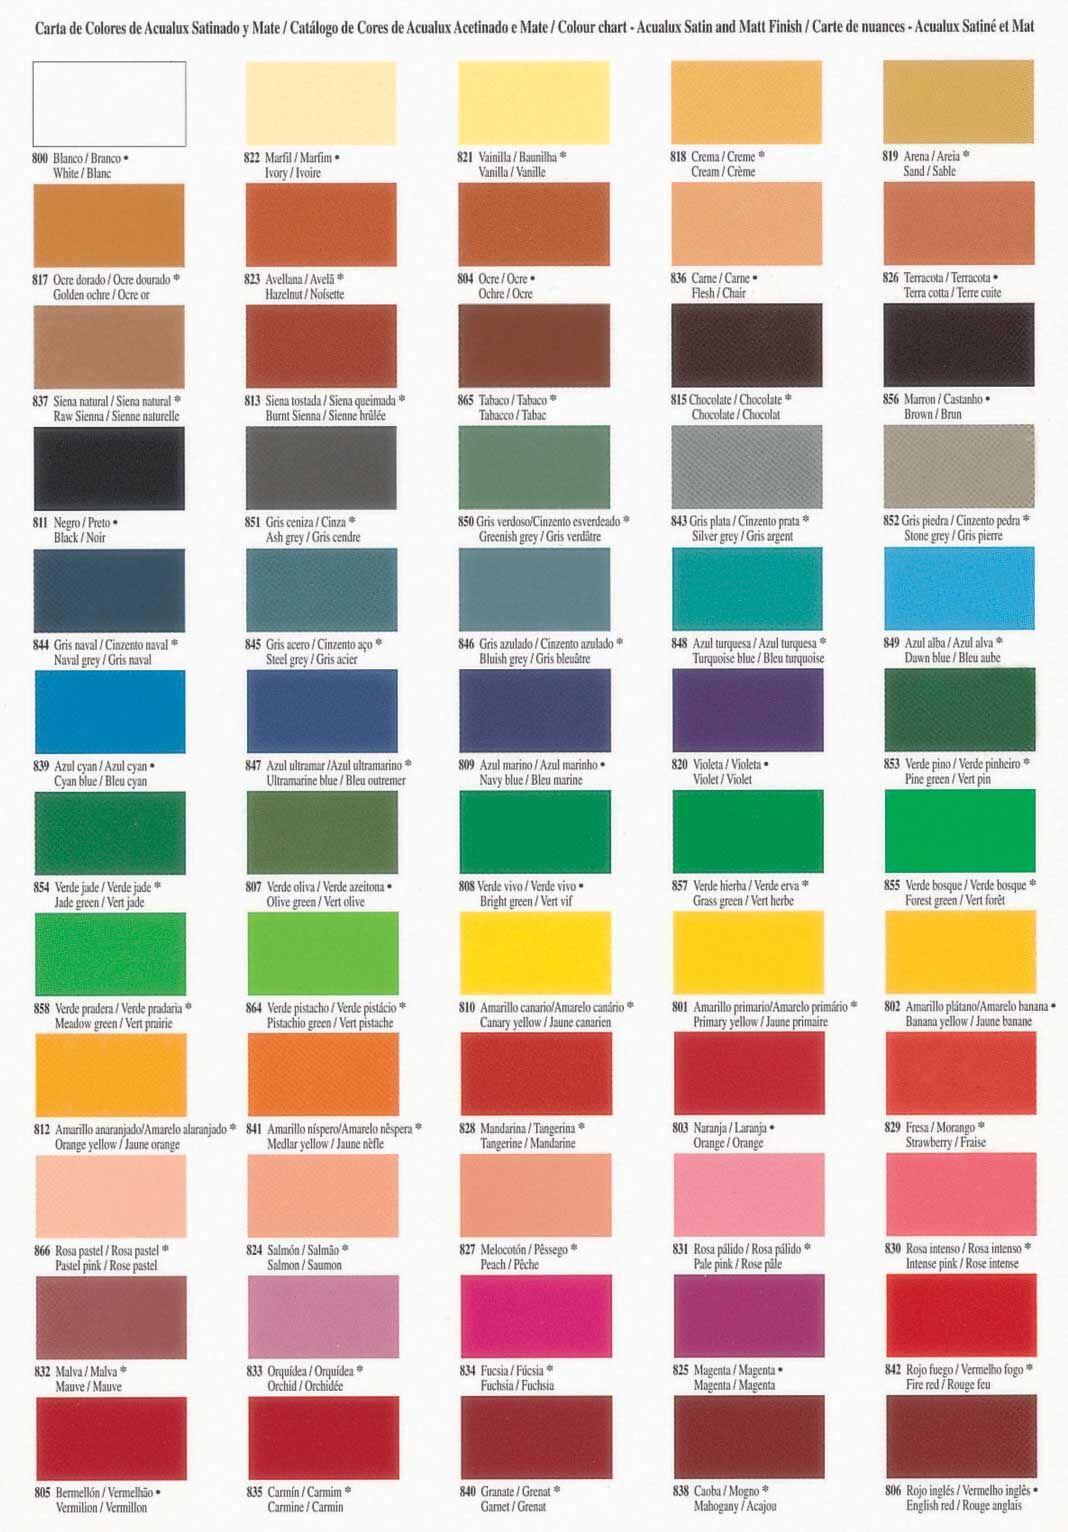 Colores materiales de pintura company logo y logos - Nombres de colores de pinturas ...